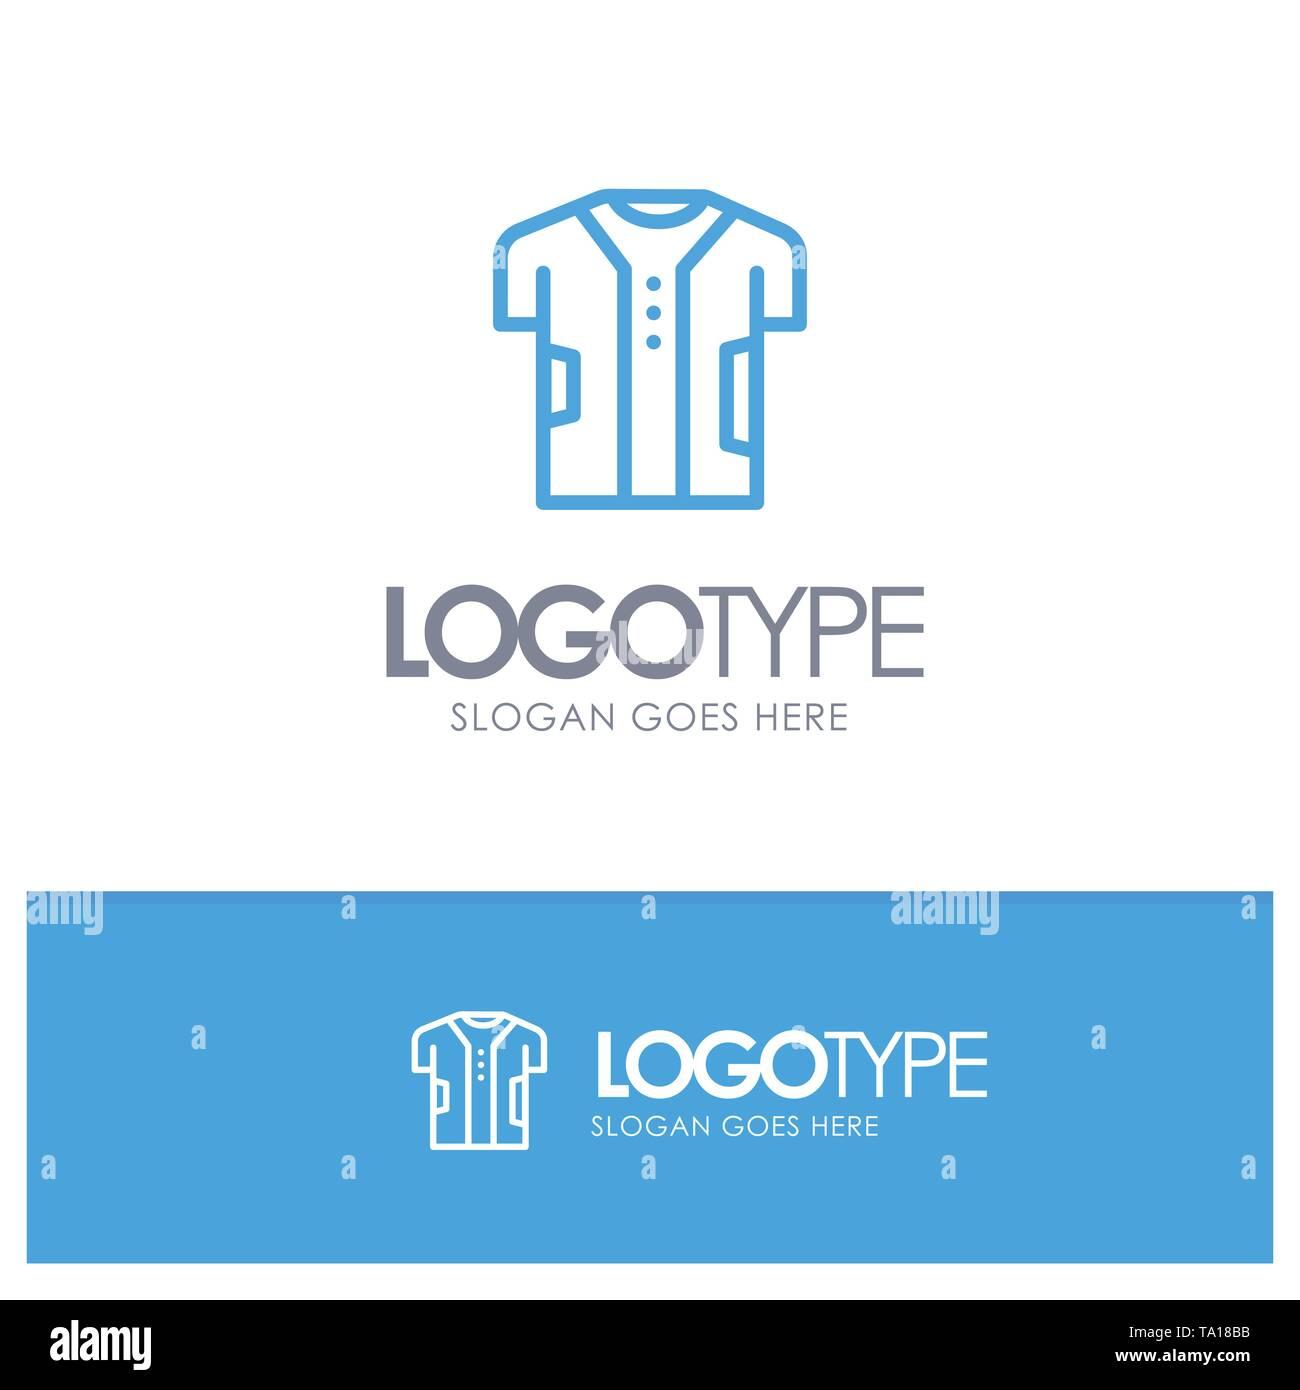 Tuch, Kleidung, digitale, elektronische, Stoff blau outLine Logo mit Slogan Stockbild